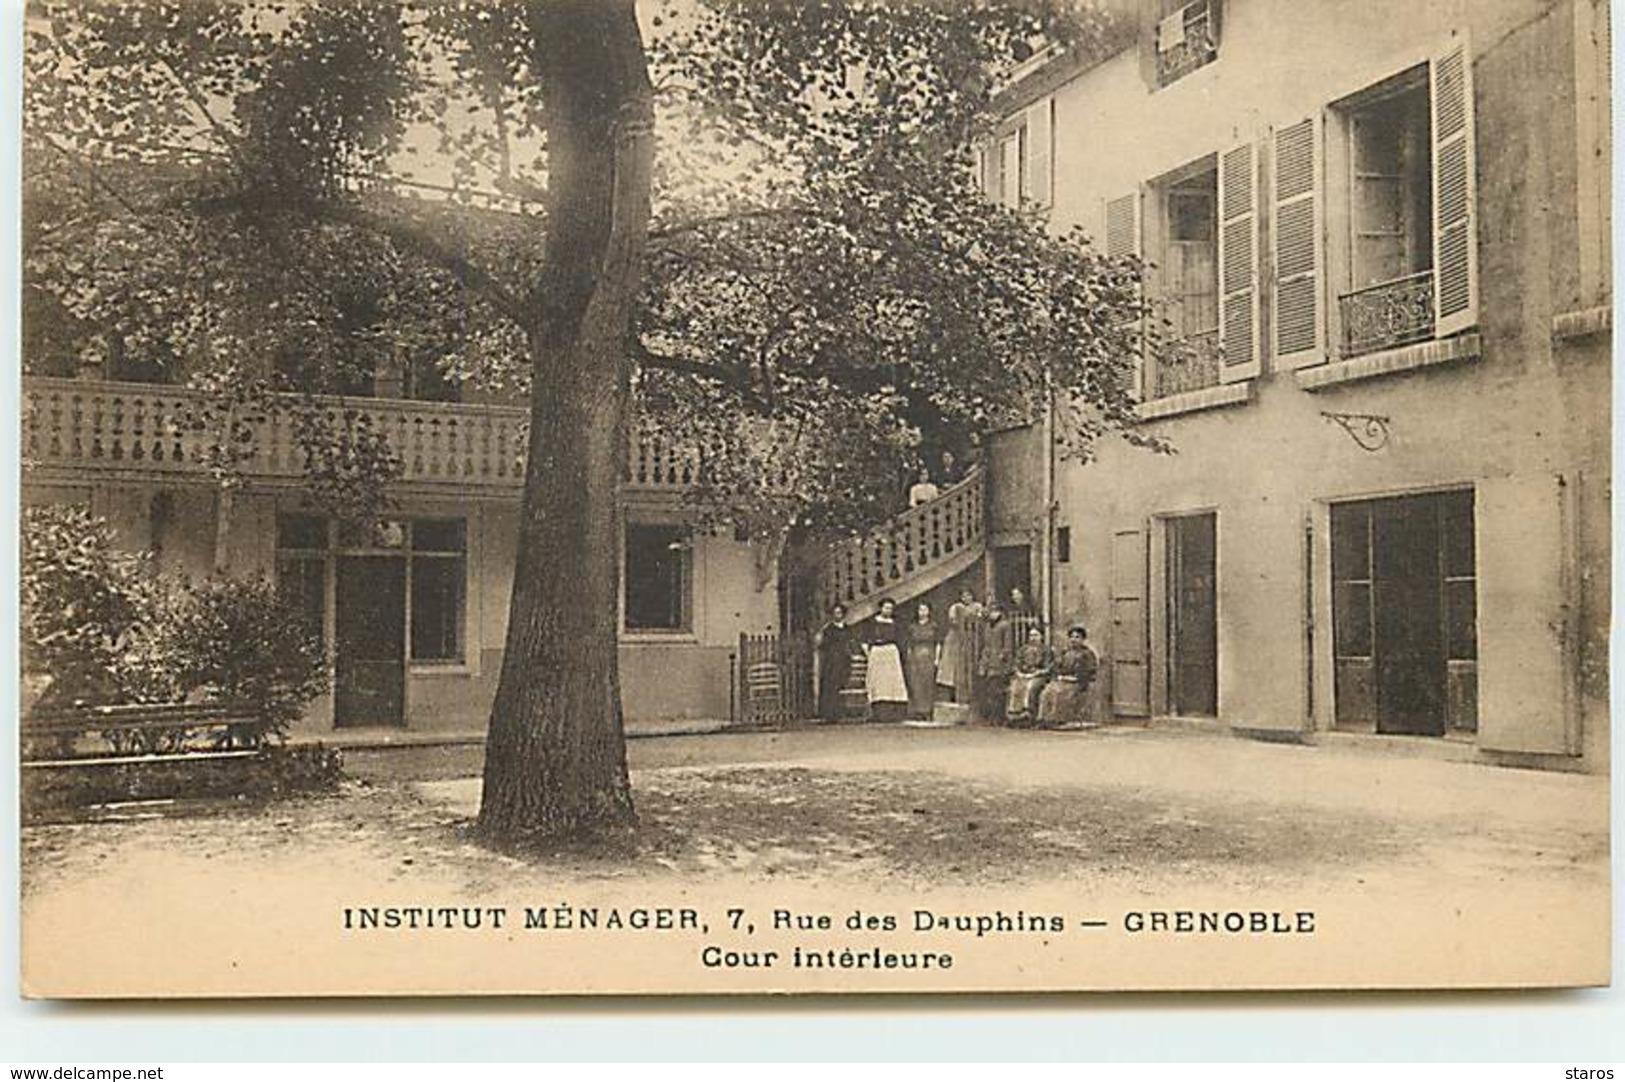 GRENOBLE - Rue Des Dauphins - Institut Ménager - Cour Intérieure - Grenoble